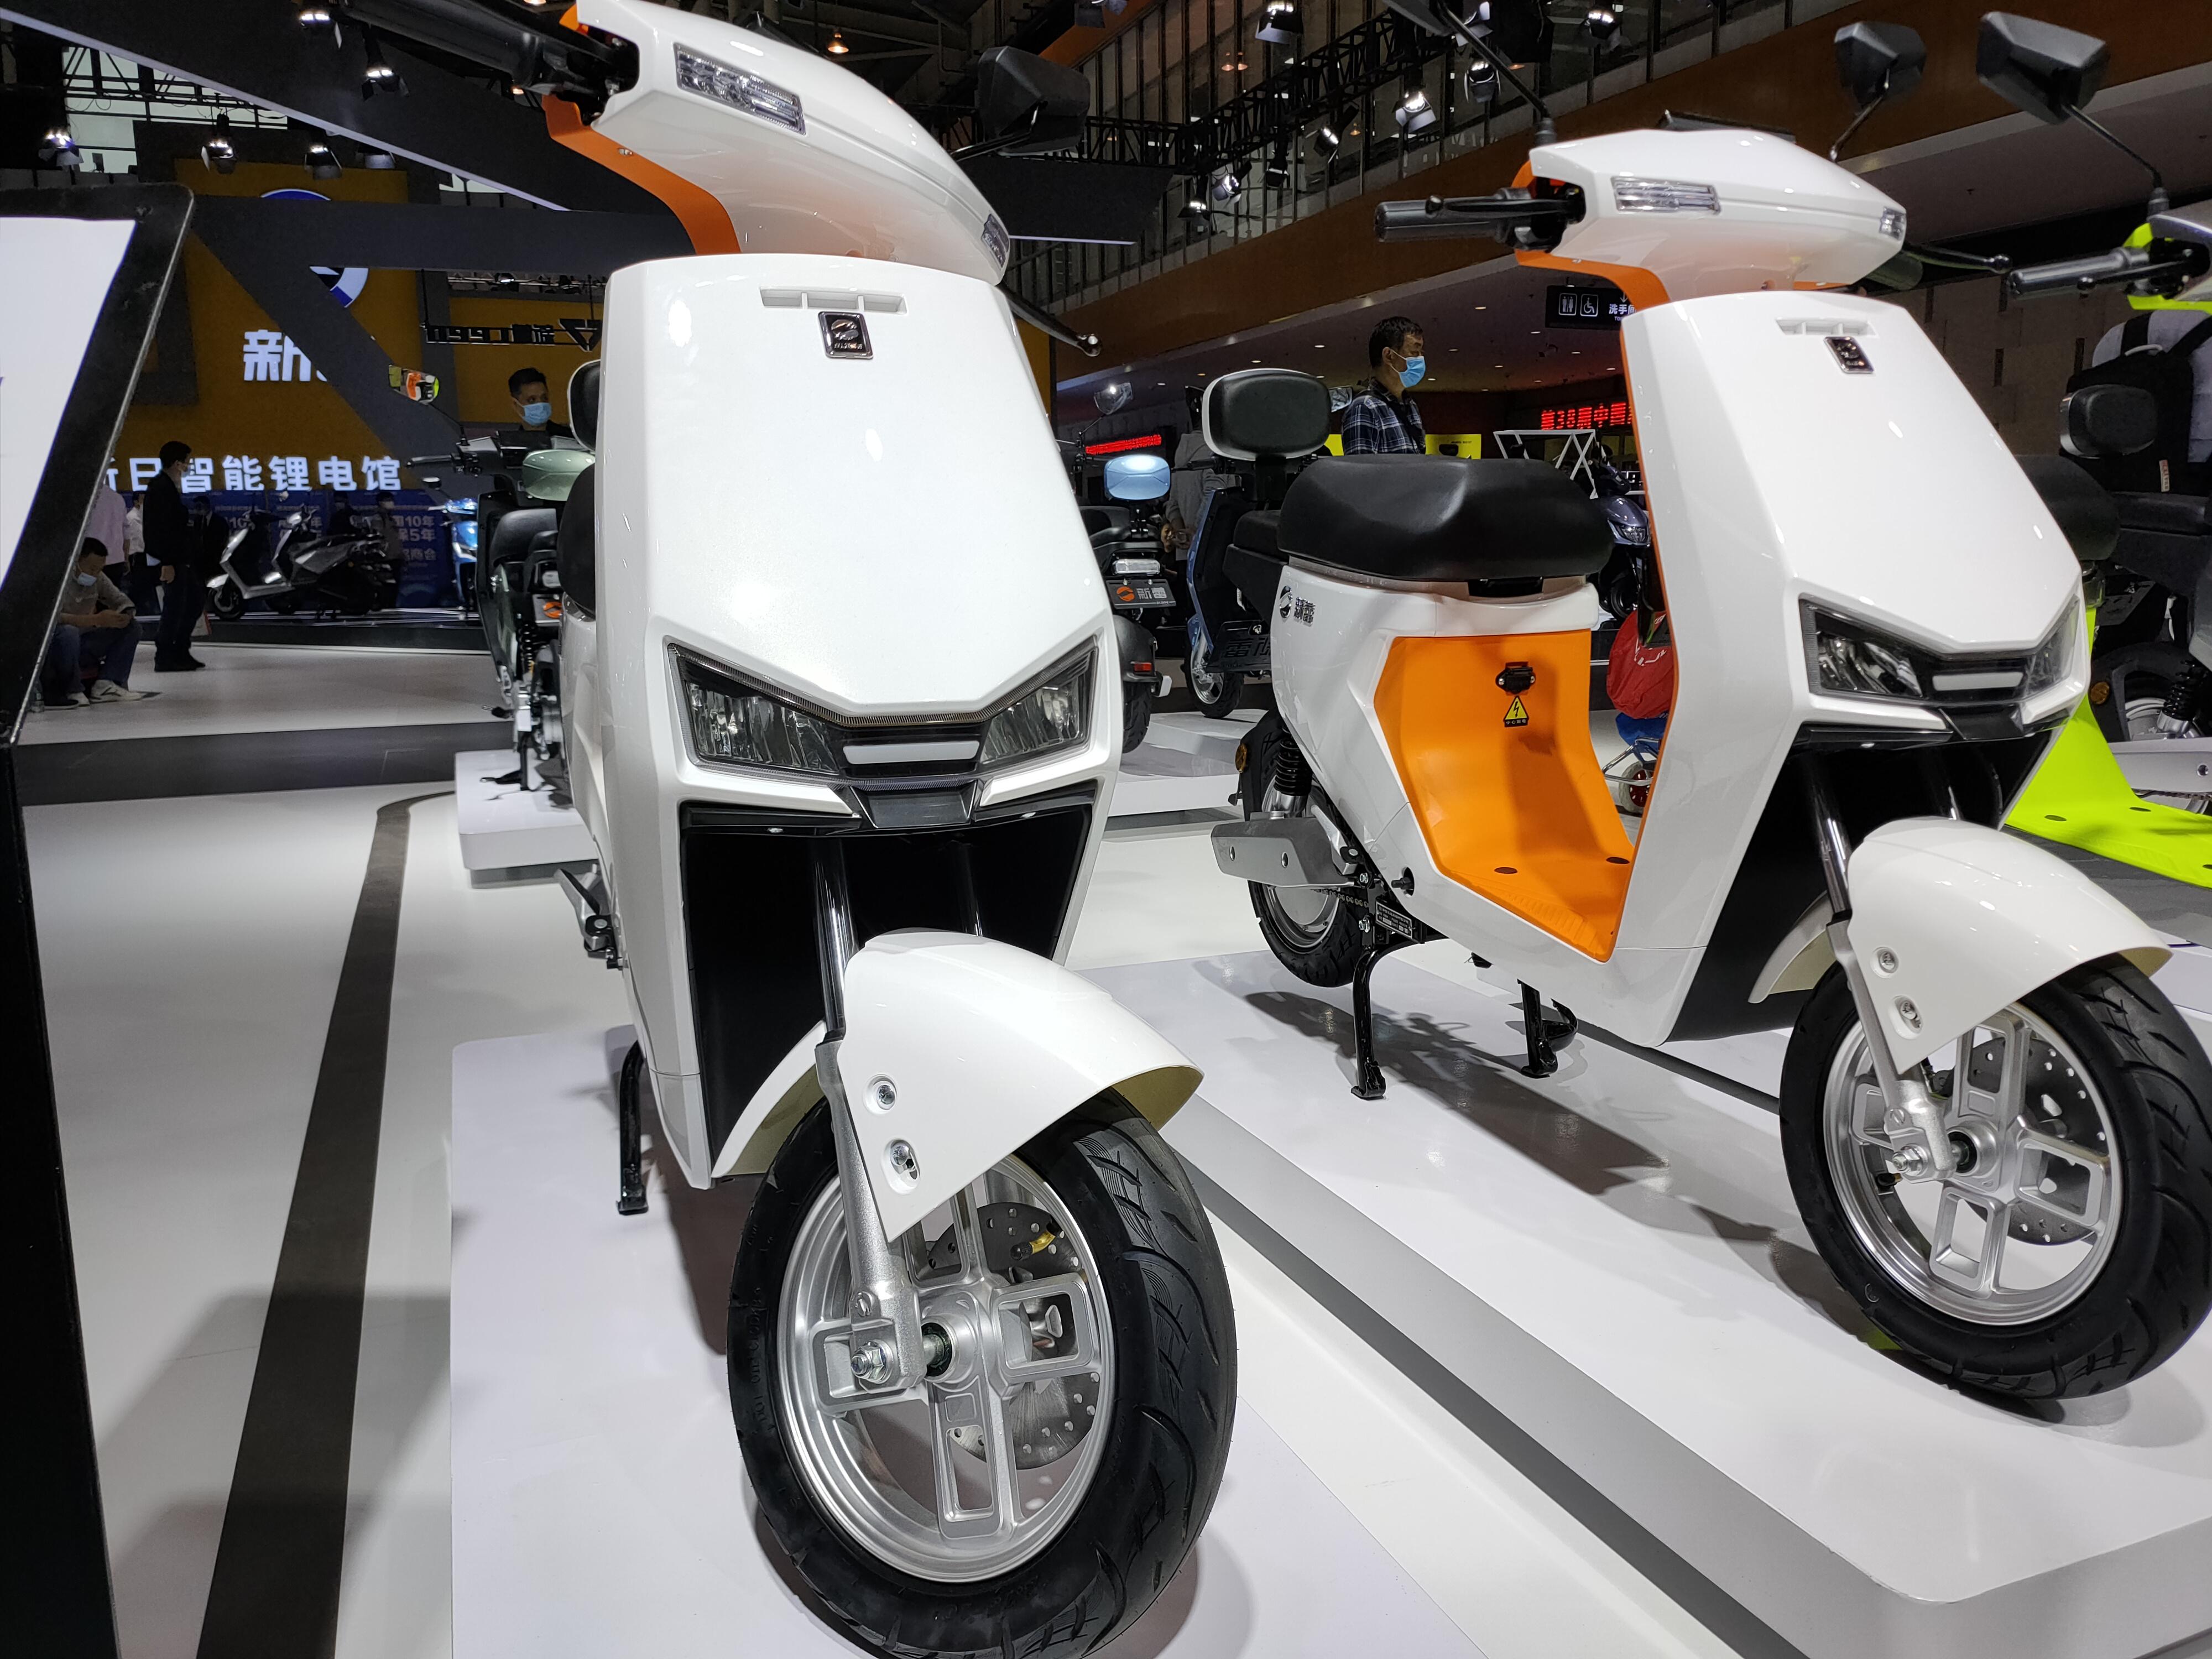 2款年轻人的电动车,配48V锂电池,续航60公里